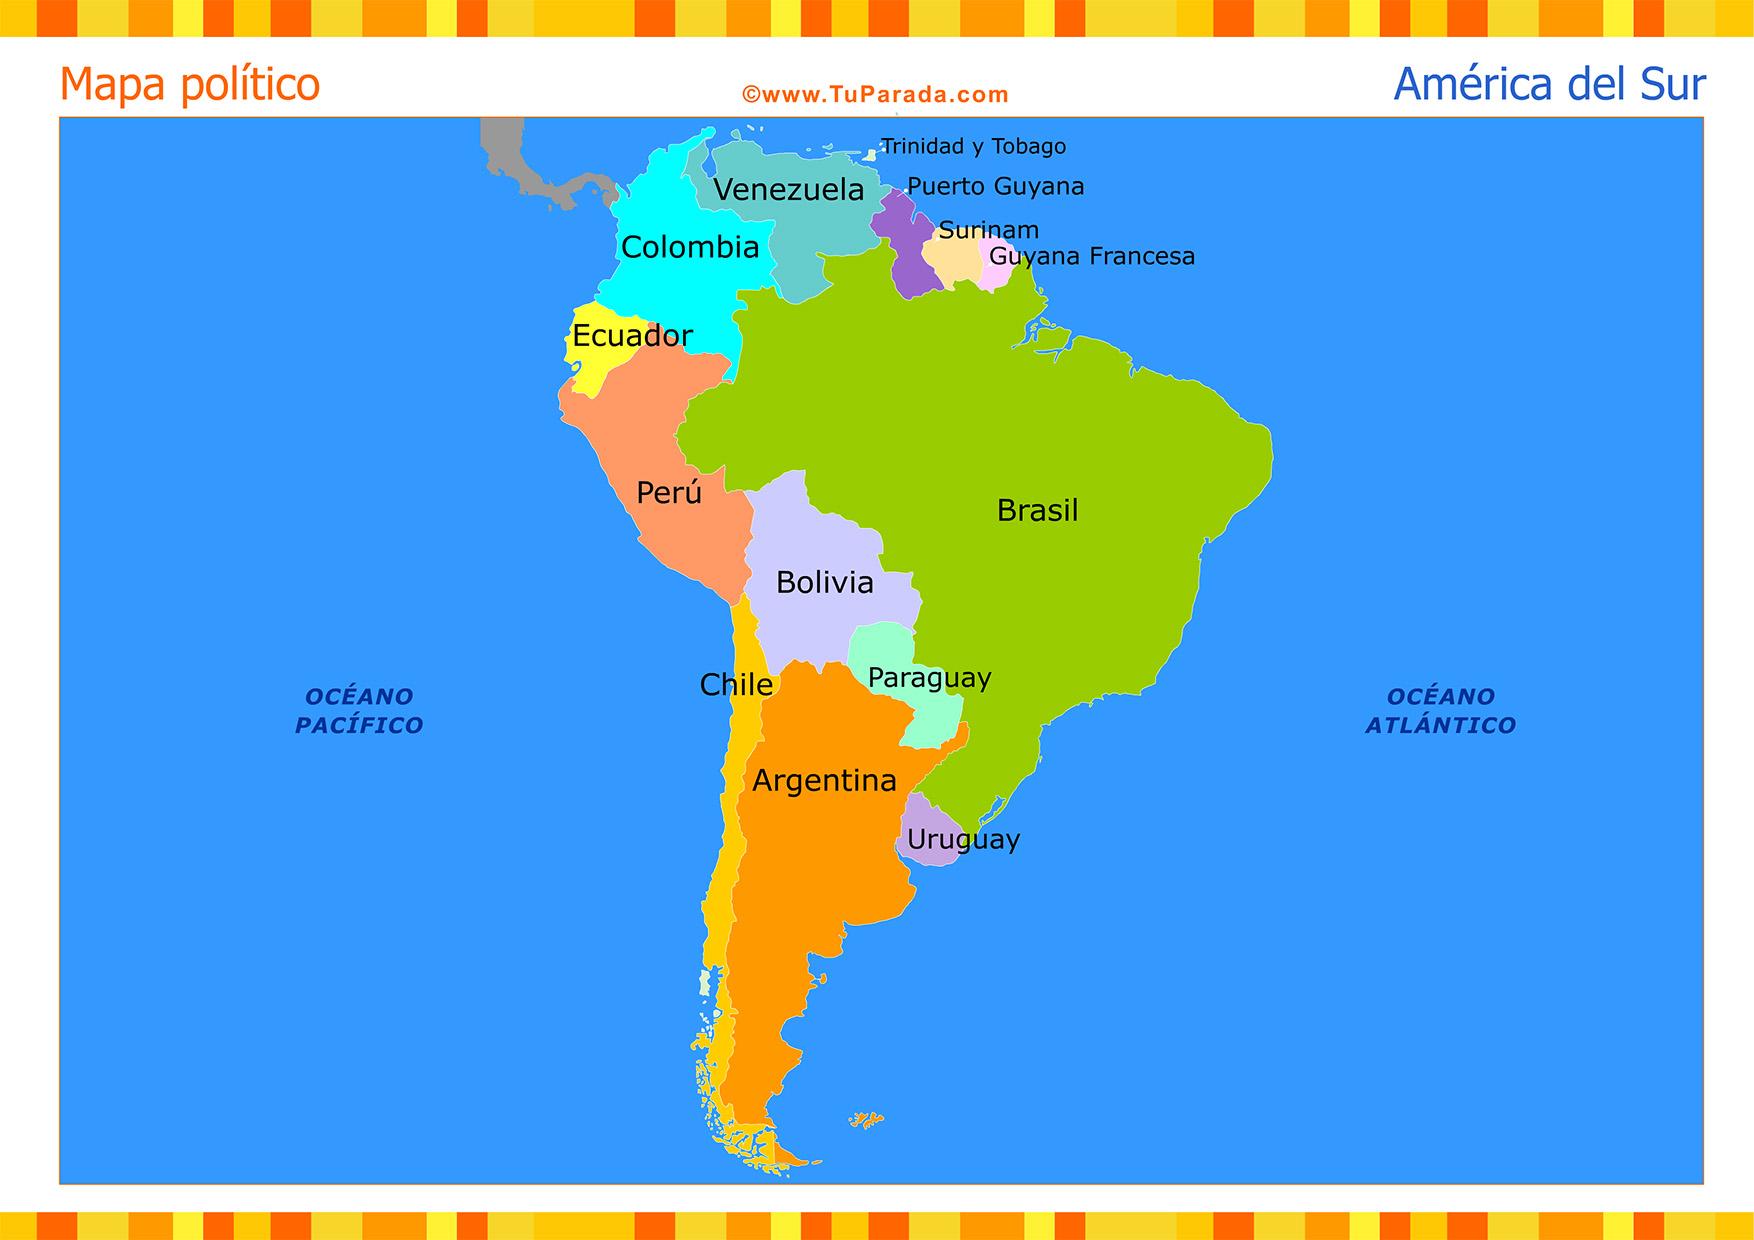 Mapa Politico America Sur.Mapa De America Del Sur Politico Mapas Tarjetas